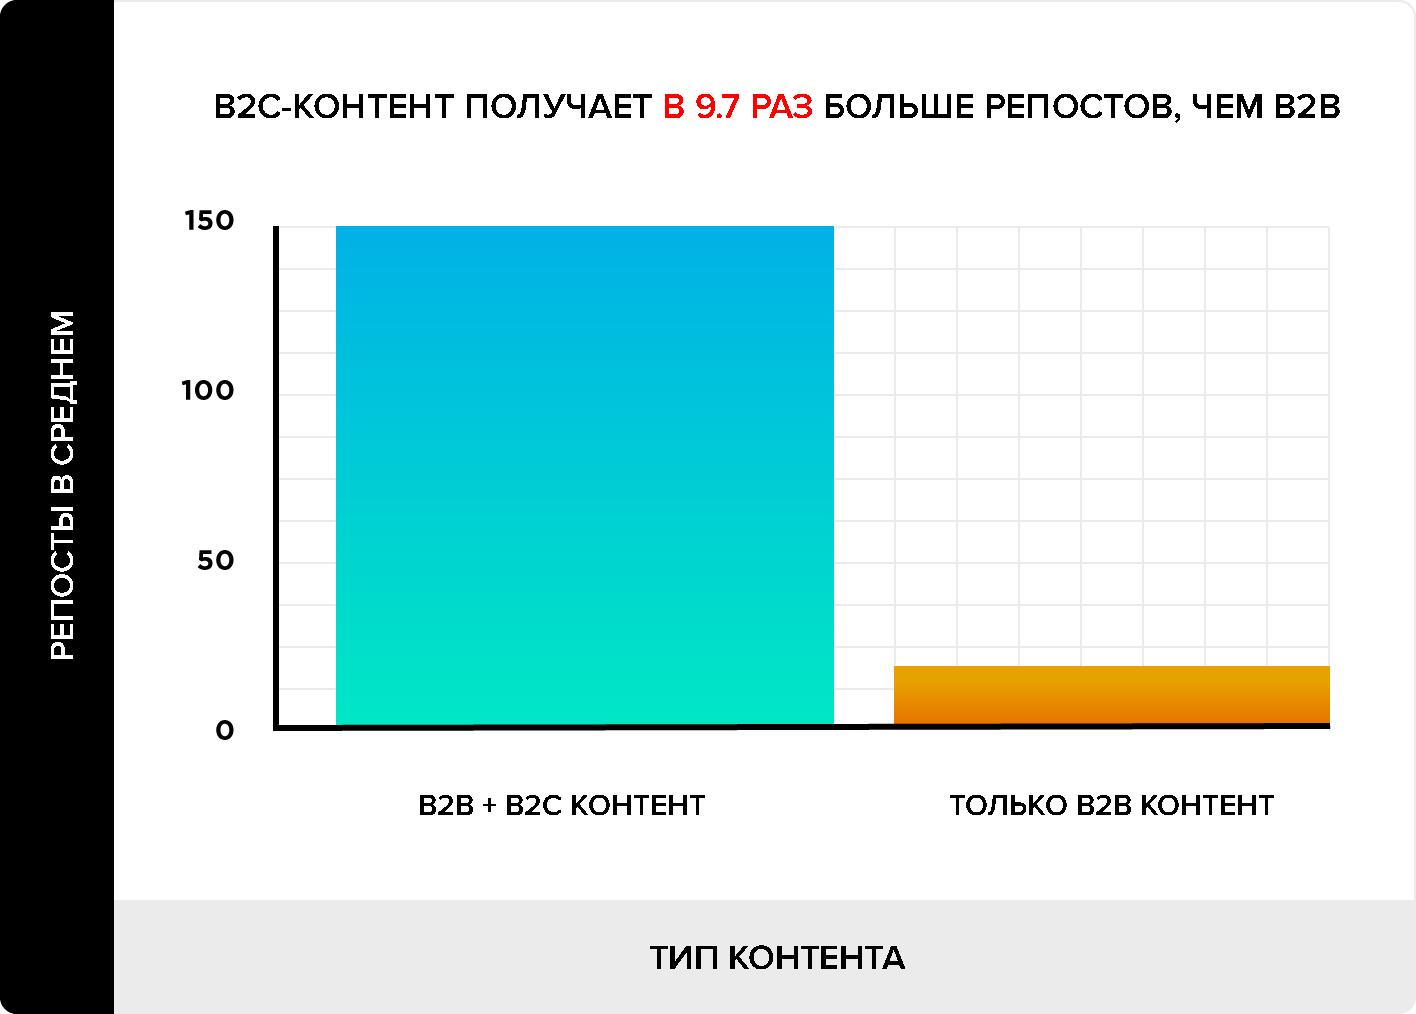 репосты контента B2B и B2C